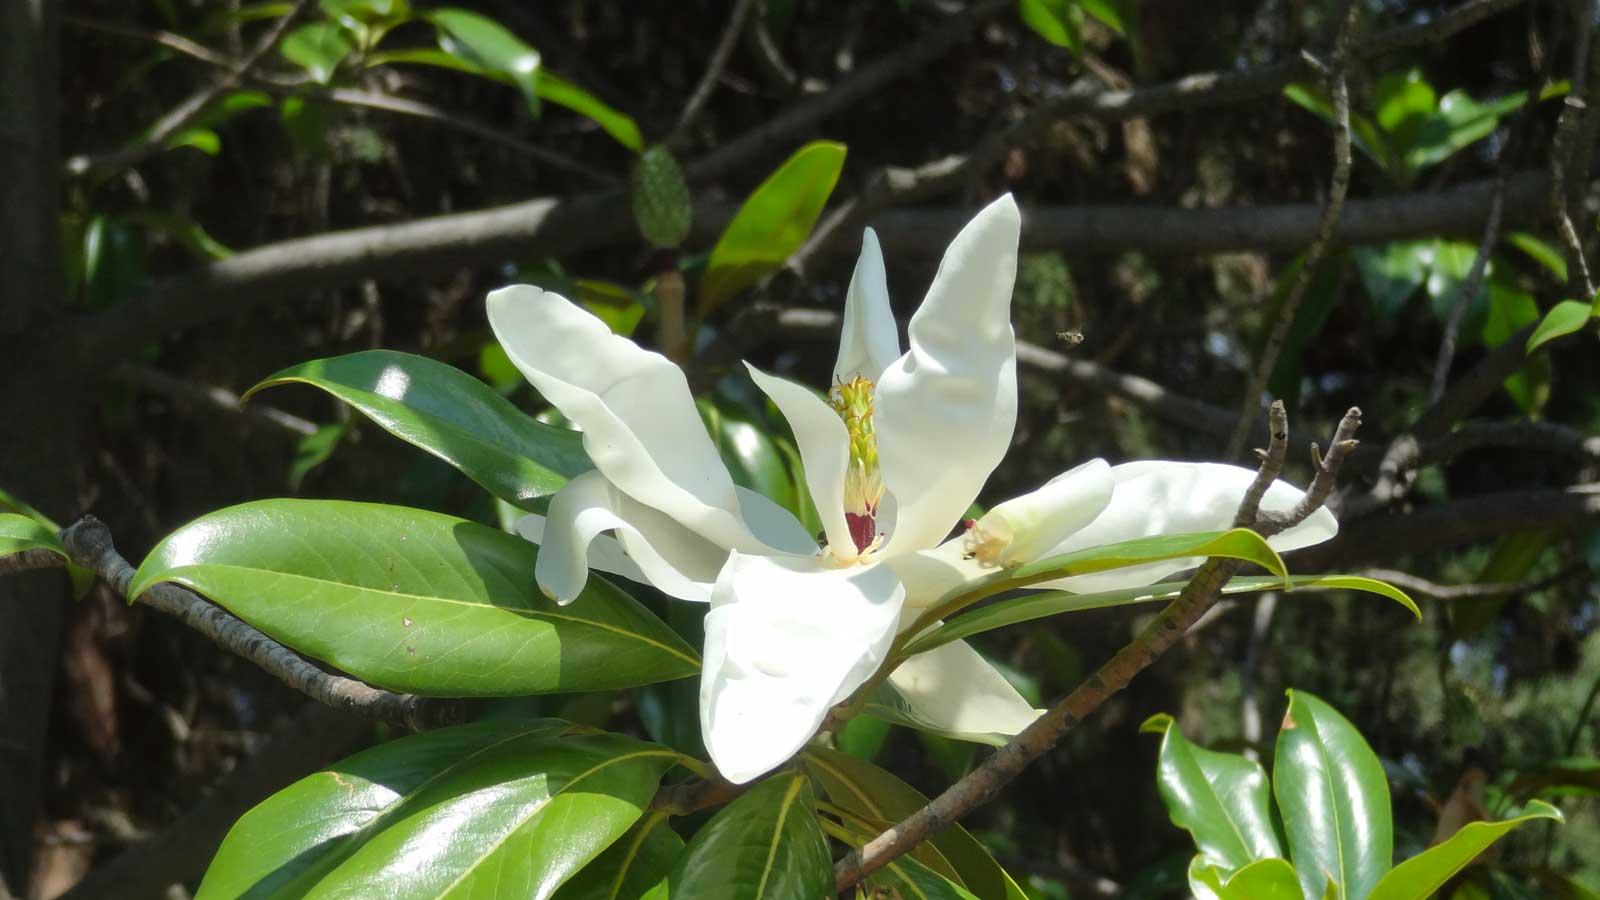 цъфтящо дърво Madam Tulip: Декоративни дървета, цъфтящи: вечнозелена магнолия цъфтящо дърво